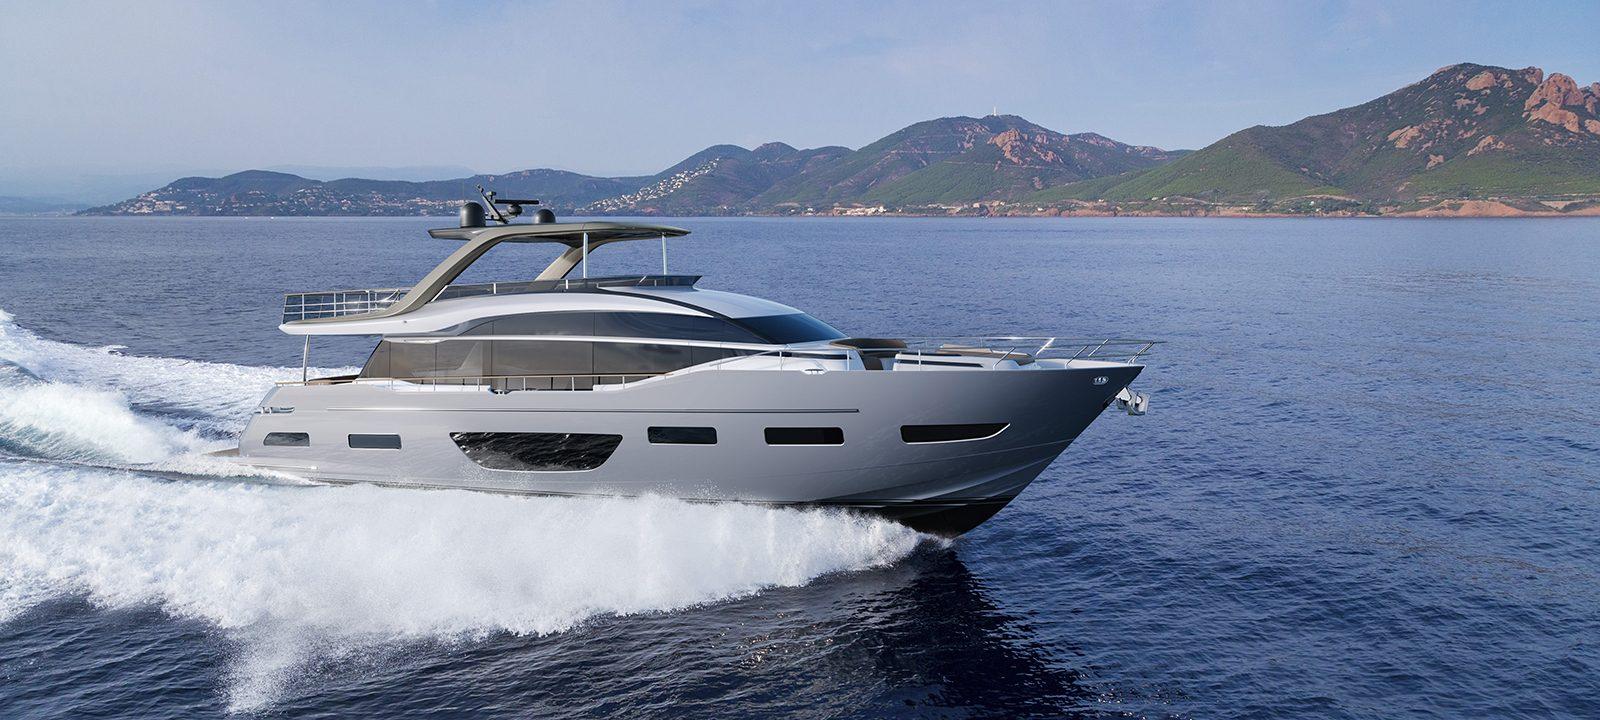 Princess Y85 yacht © Princess Yachts